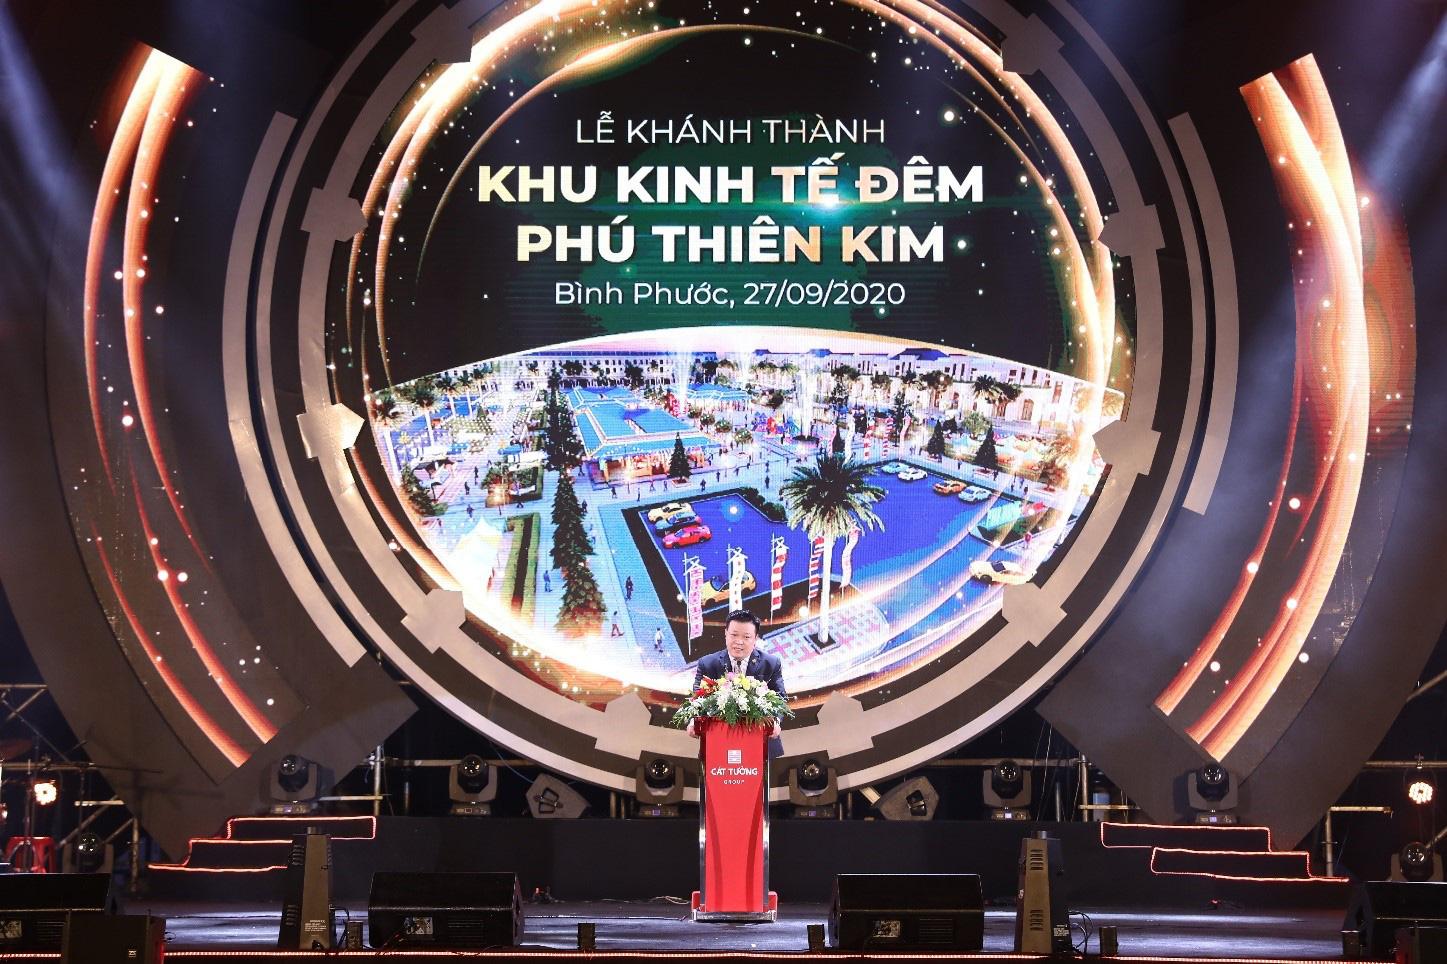 Chính thức khánh thành Khu kinh tế đêm đầu tiên tại thành phố Đồng Xoài - Ảnh 2.